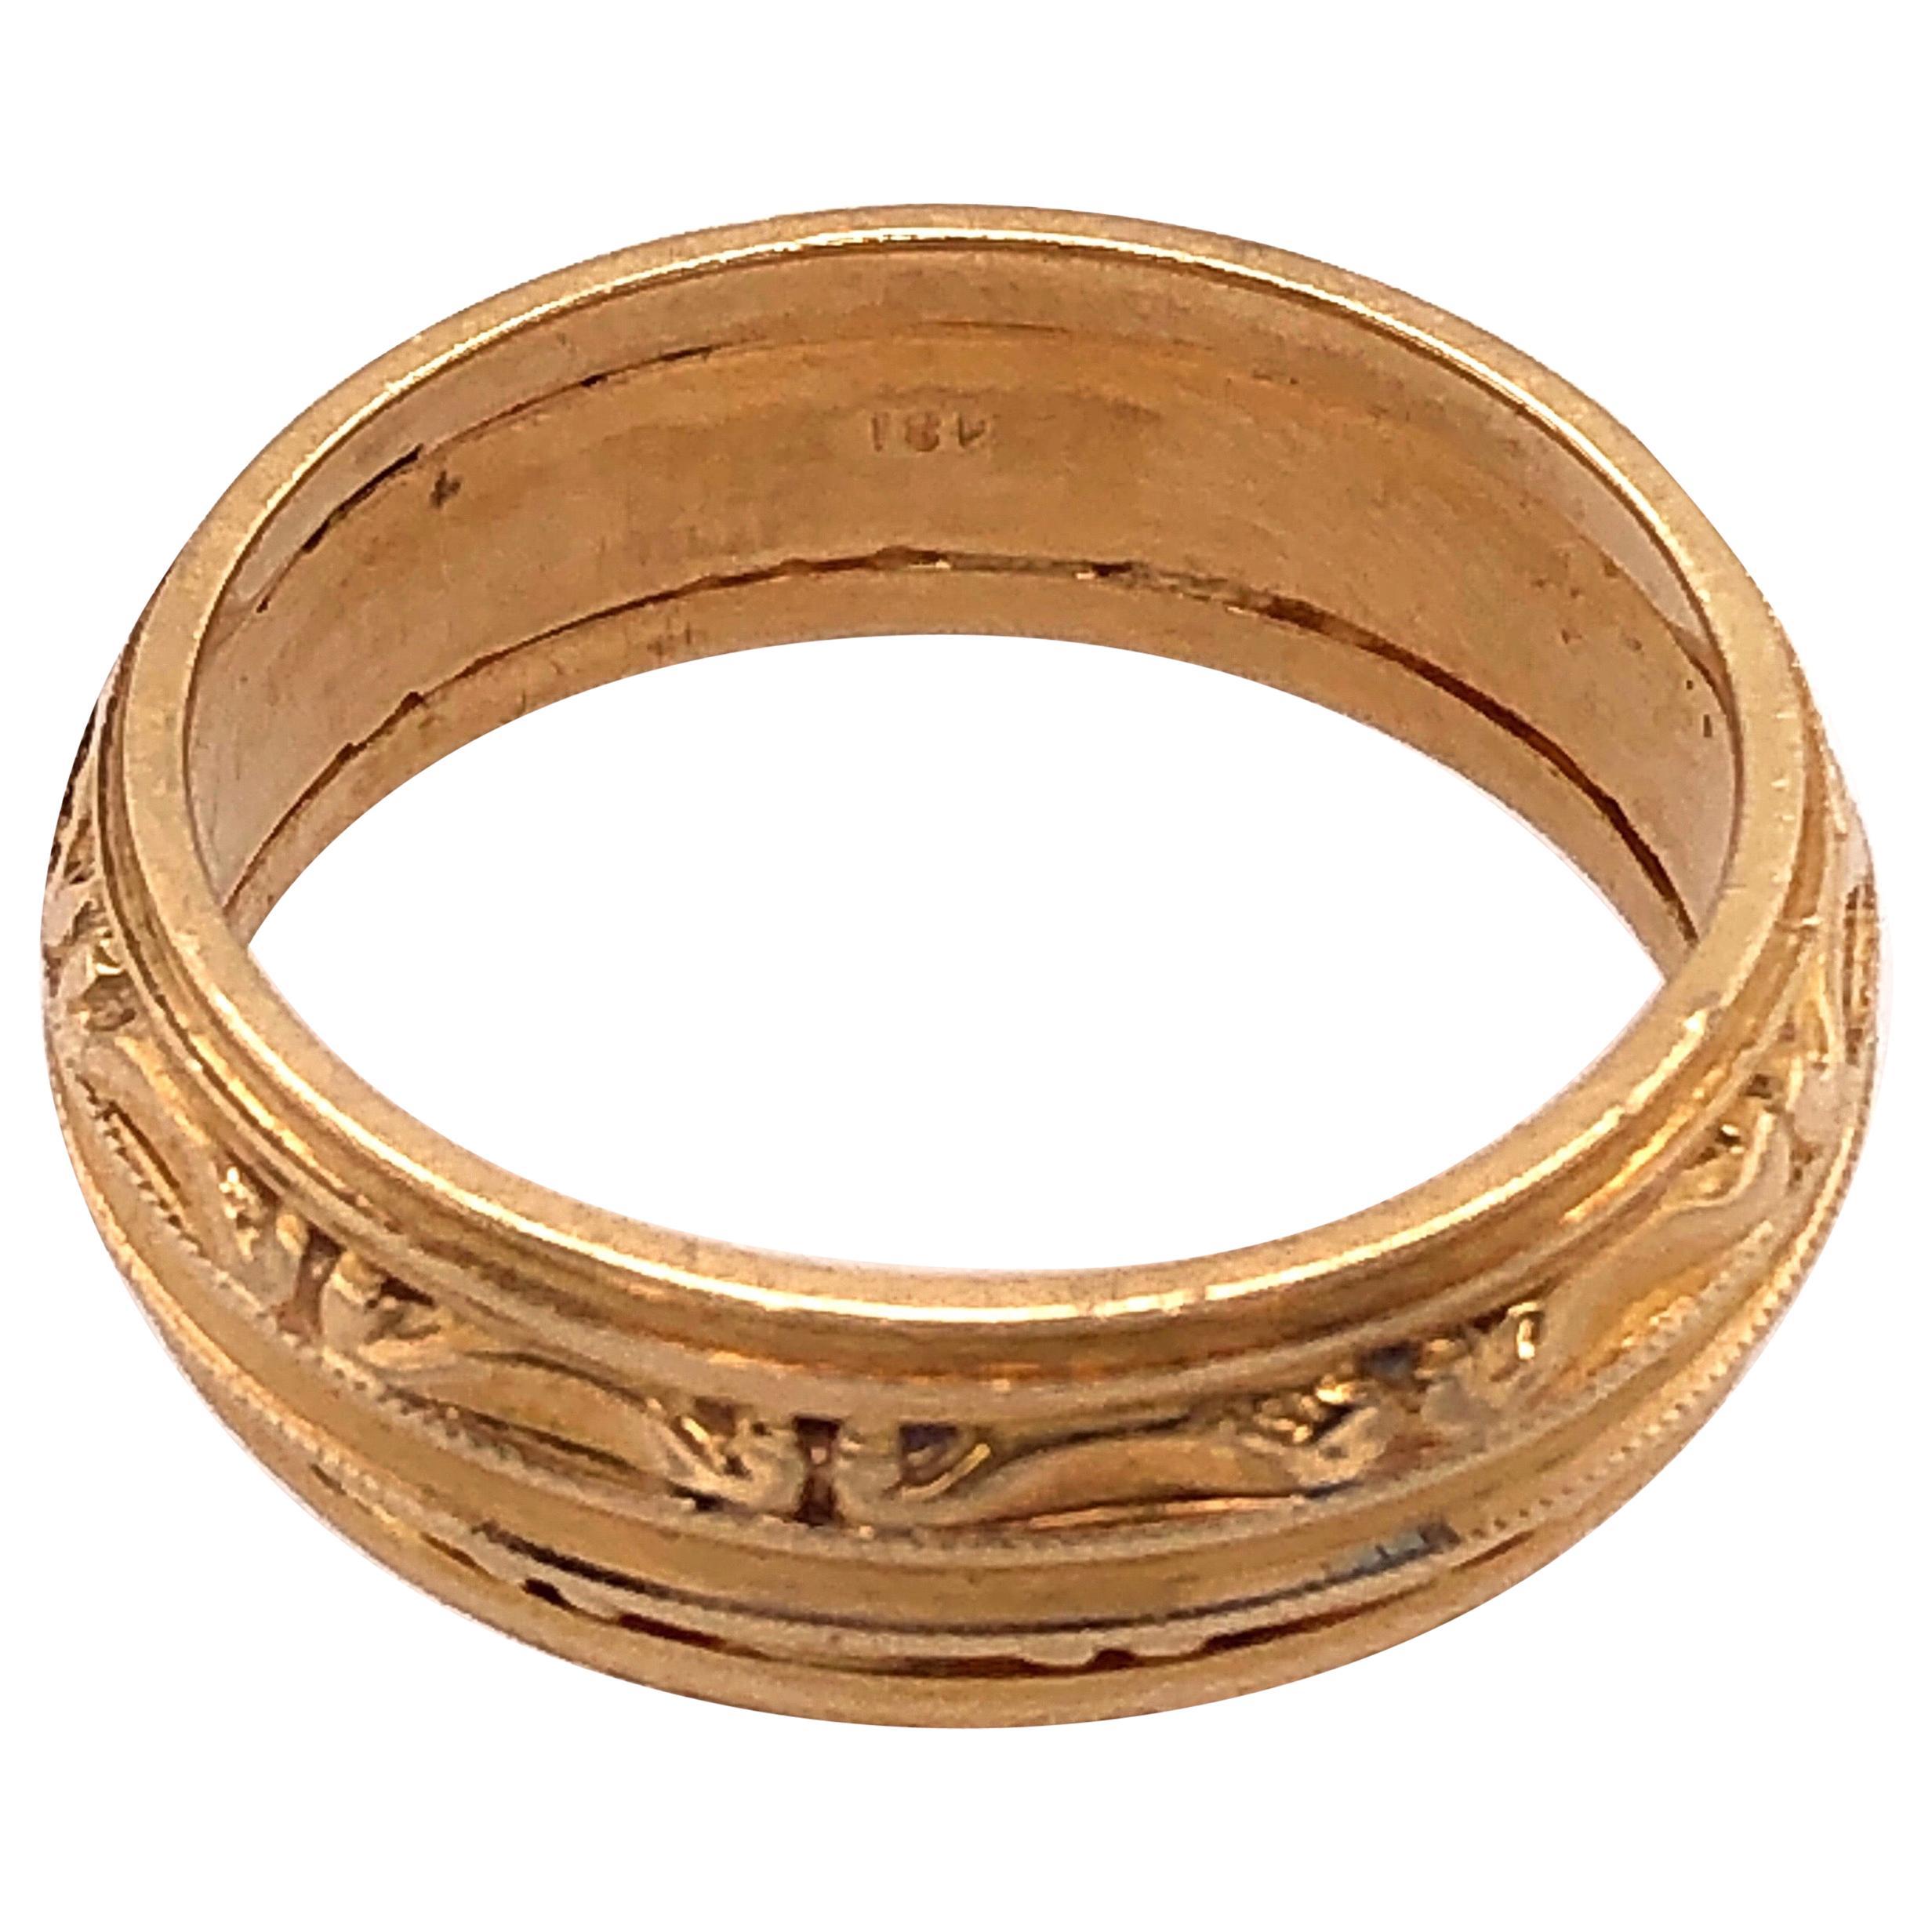 18 Karat Yellow Gold Wedding Ring / Band